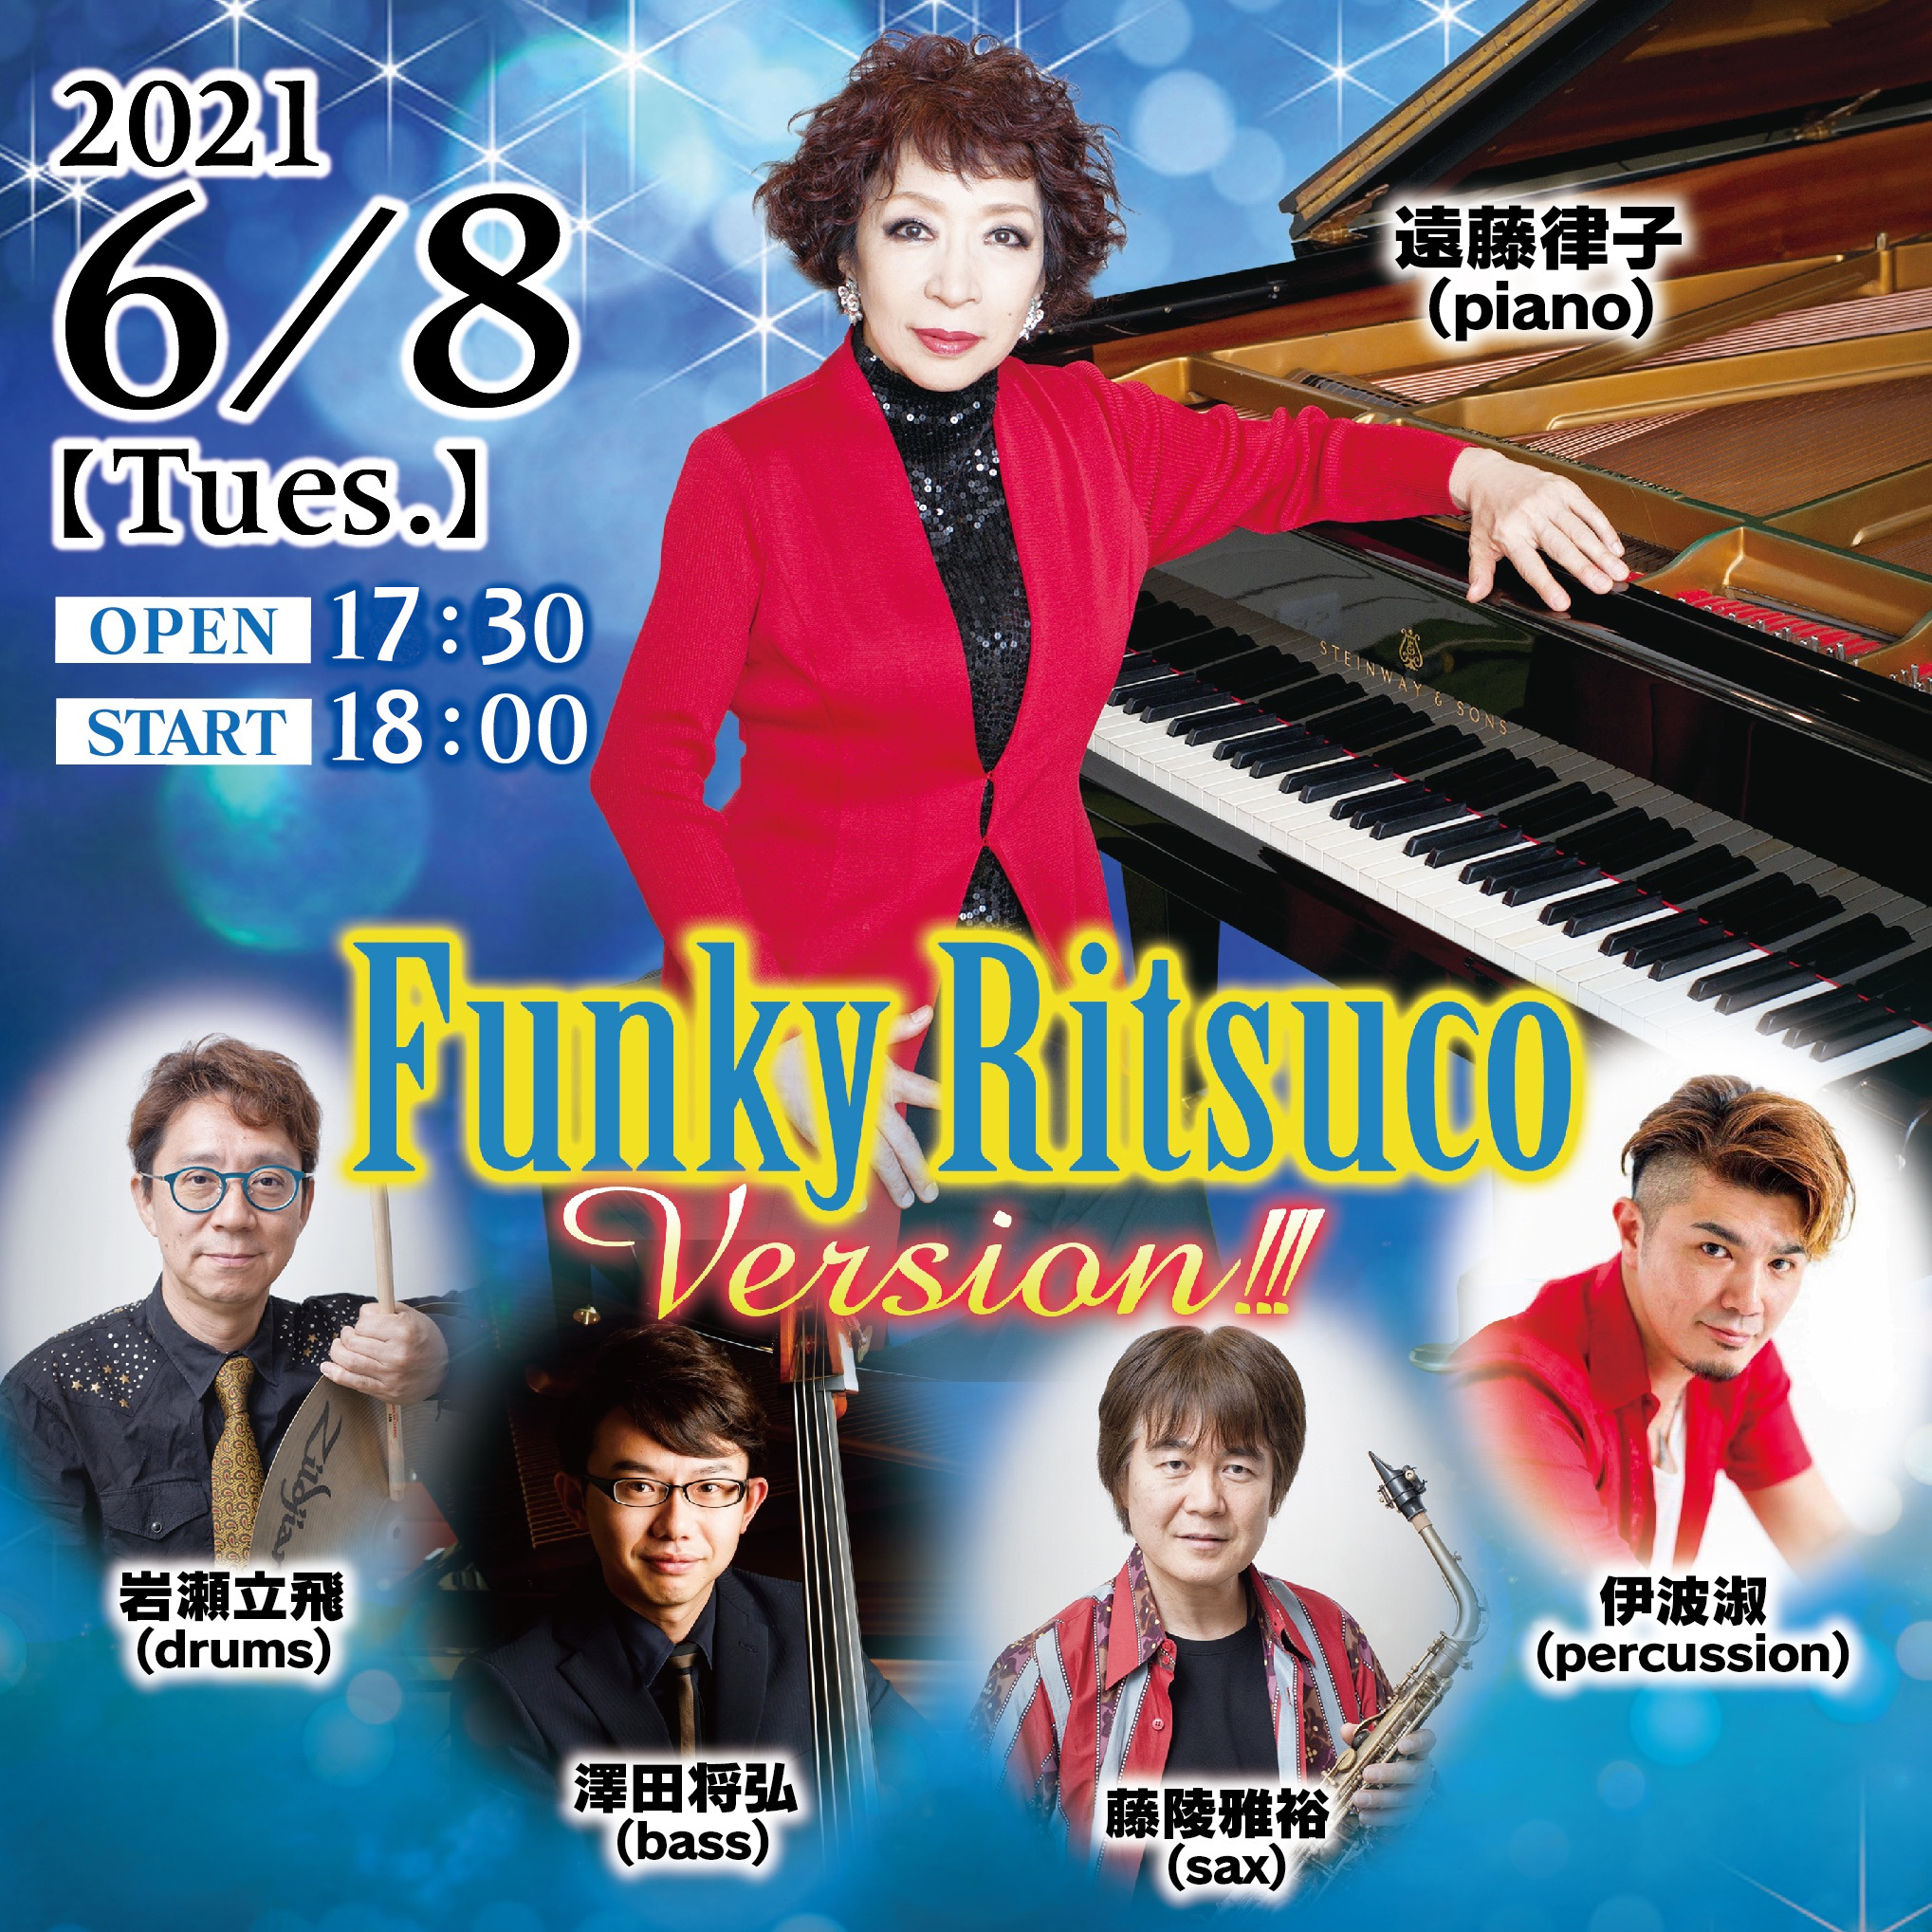 【公演延期】遠藤律子 Funky Ritsuco Version!!!